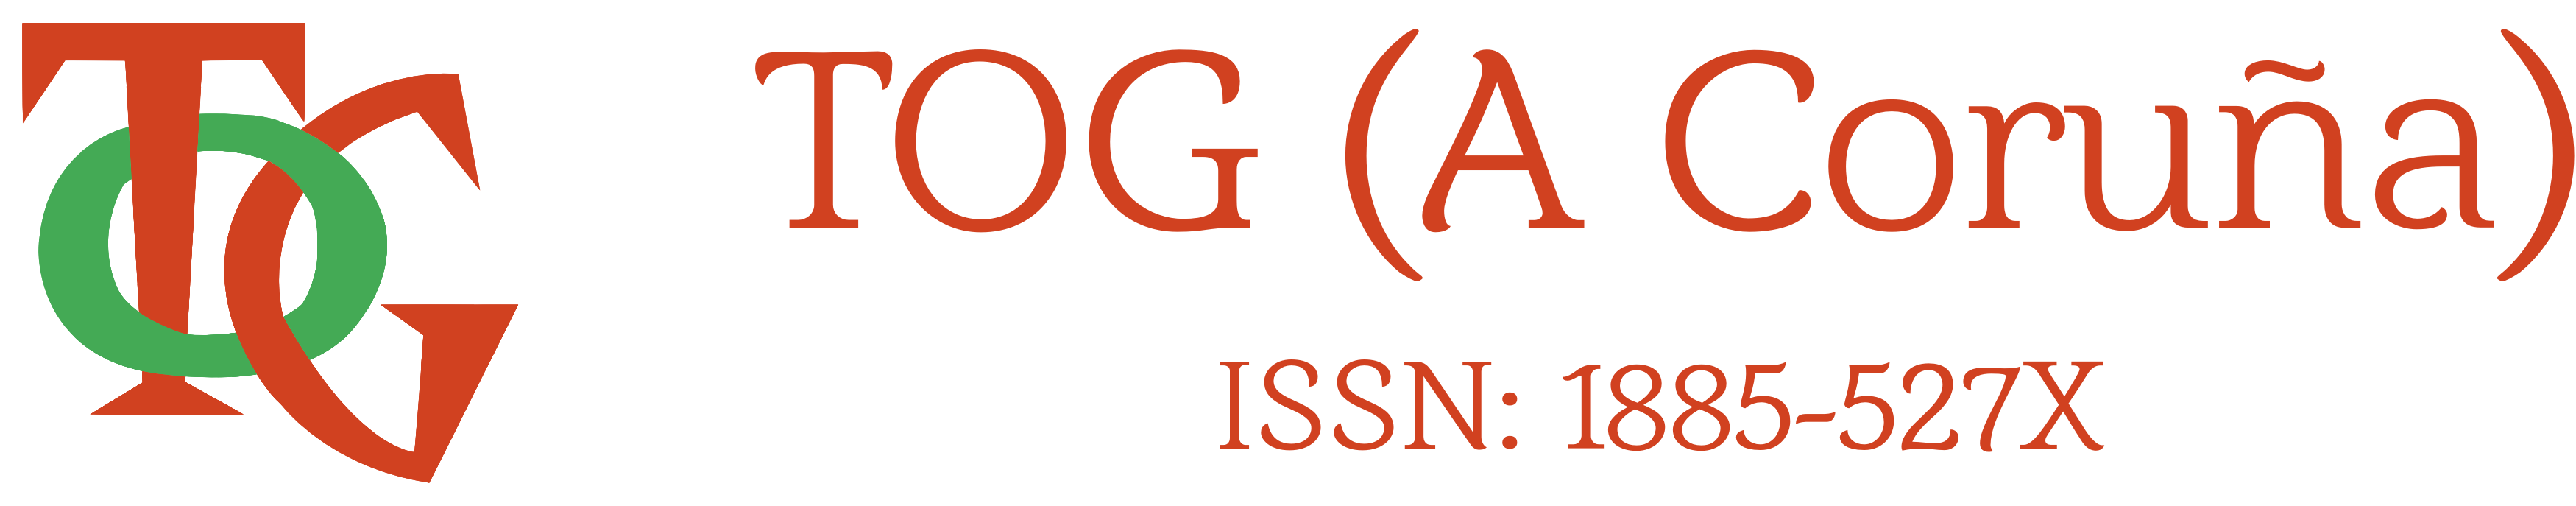 TOG (A Coruña) - ISSN: 1885-527X